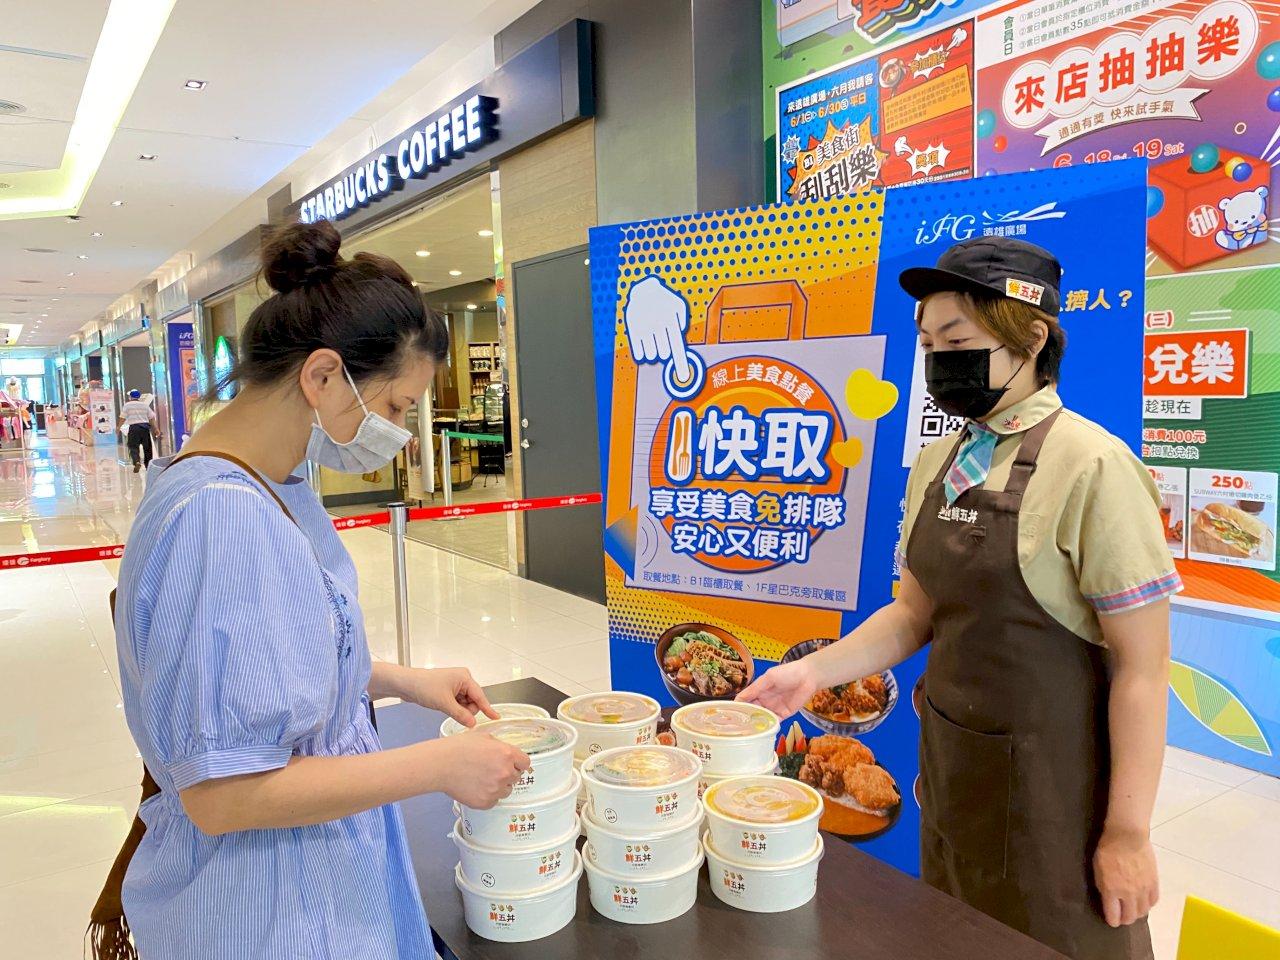 台灣何時告別疫情?今年百貨業週年慶檔期恐都延後